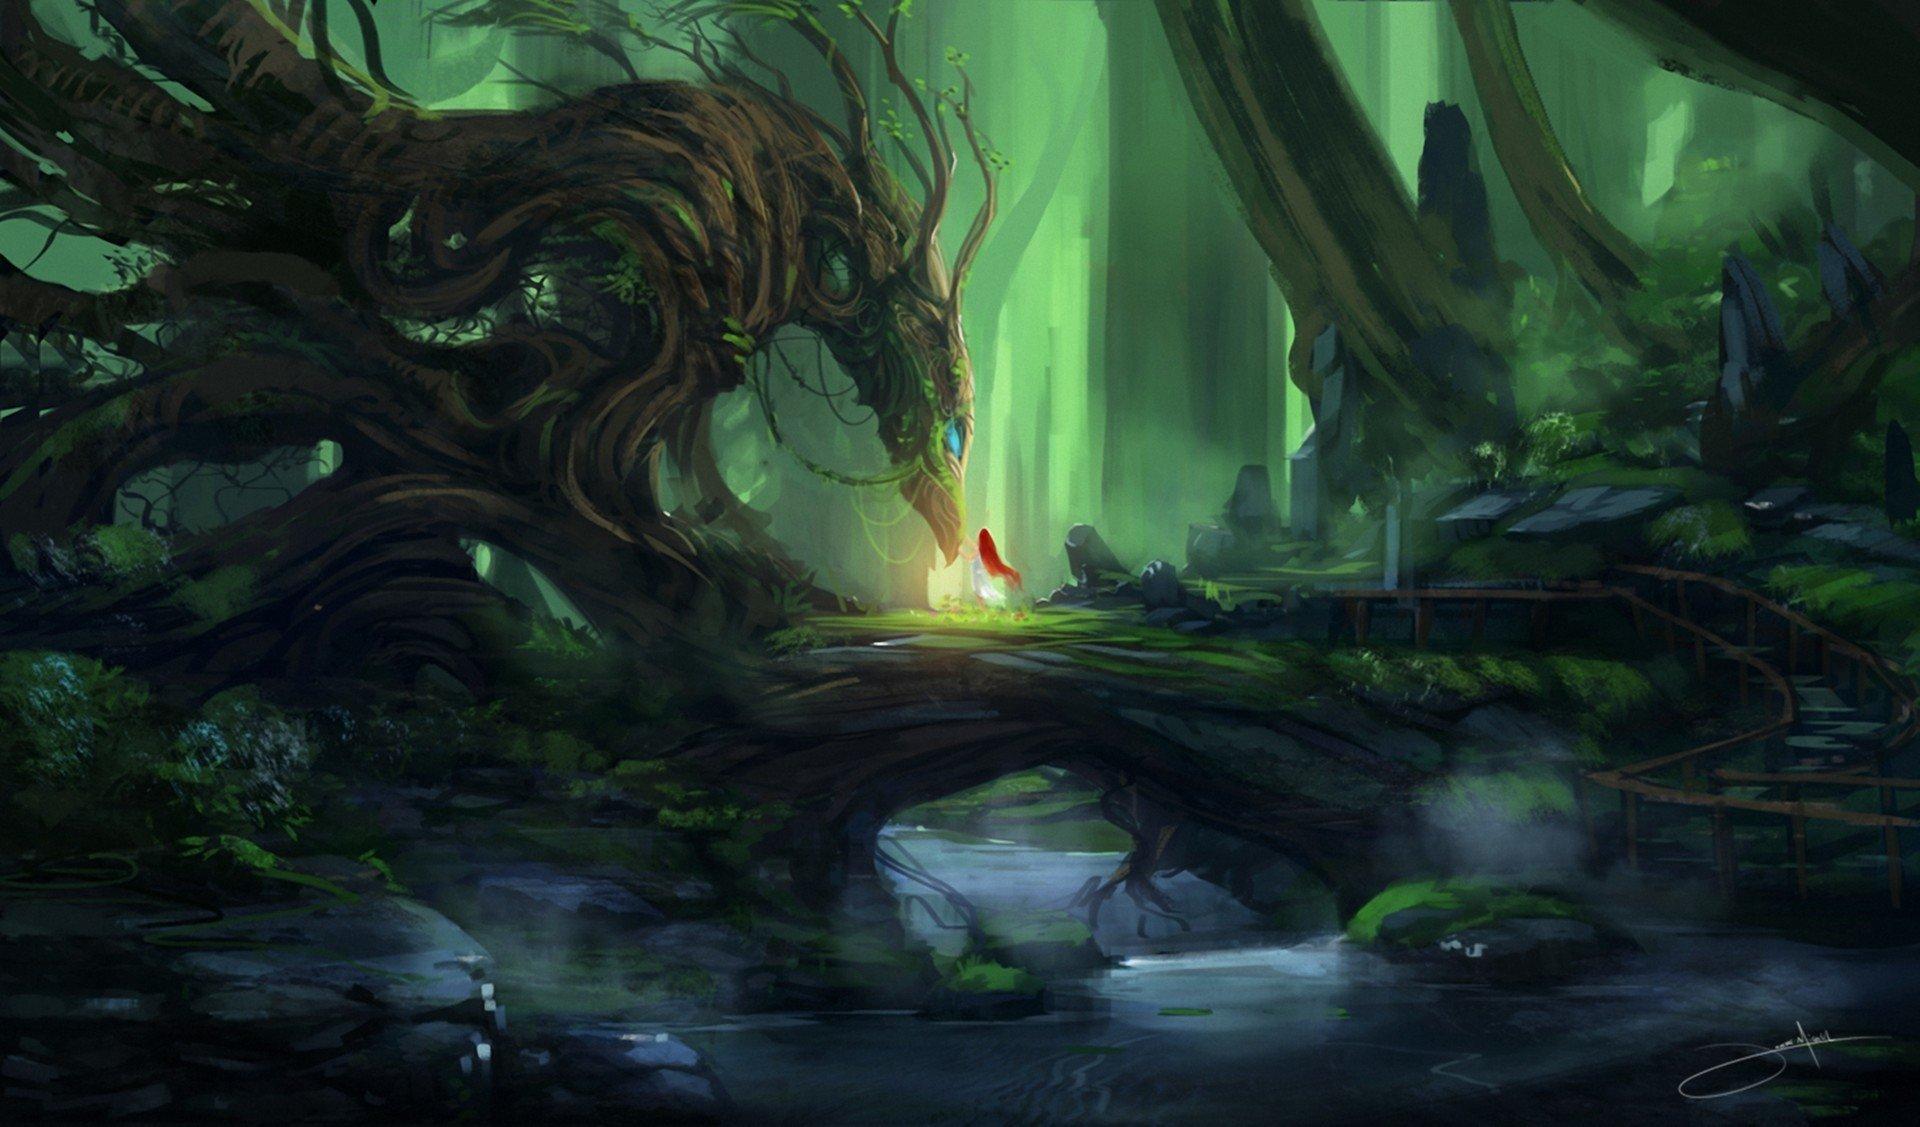 Нарисованый фэнтезийный зеленый дракон  № 3349206  скачать